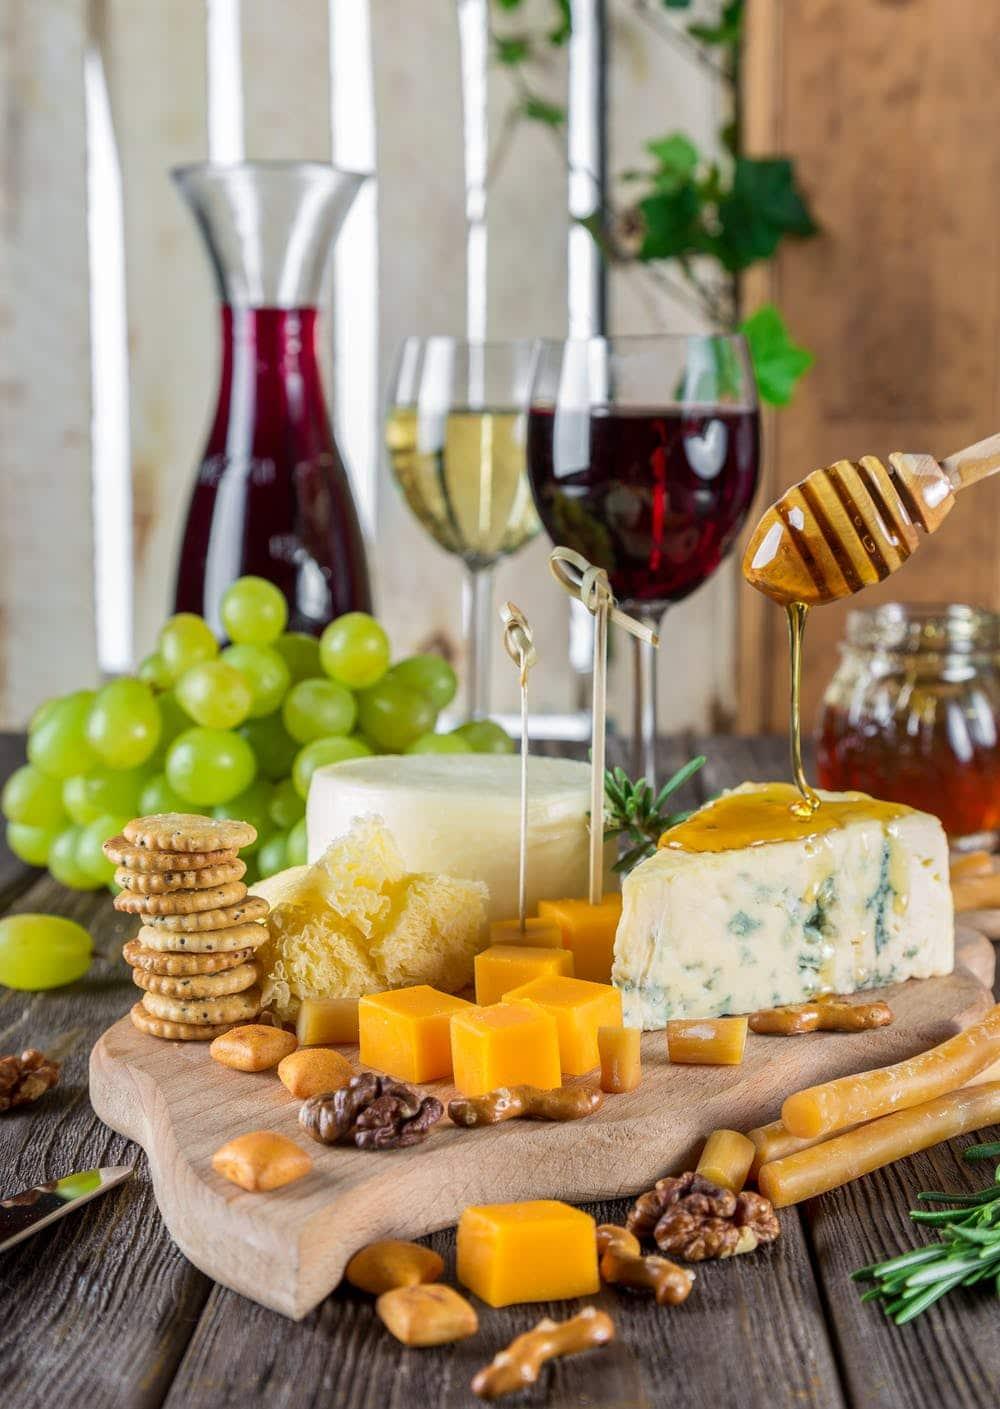 choisir vin selon plats